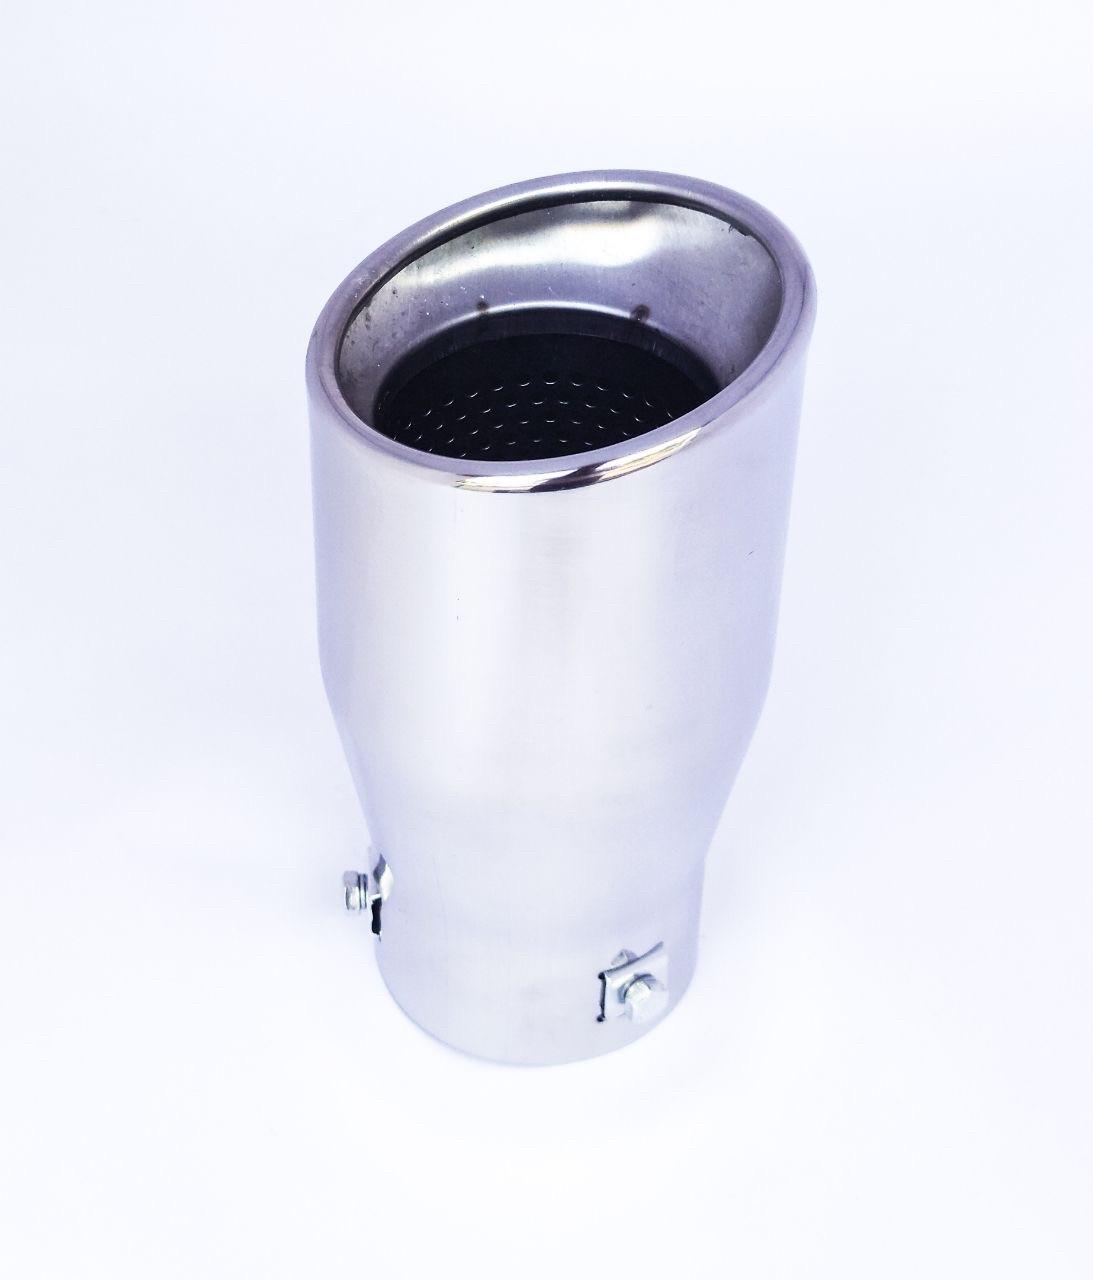 Хромированная насадка на глушитель скошенная, диаметр входа 63 мм